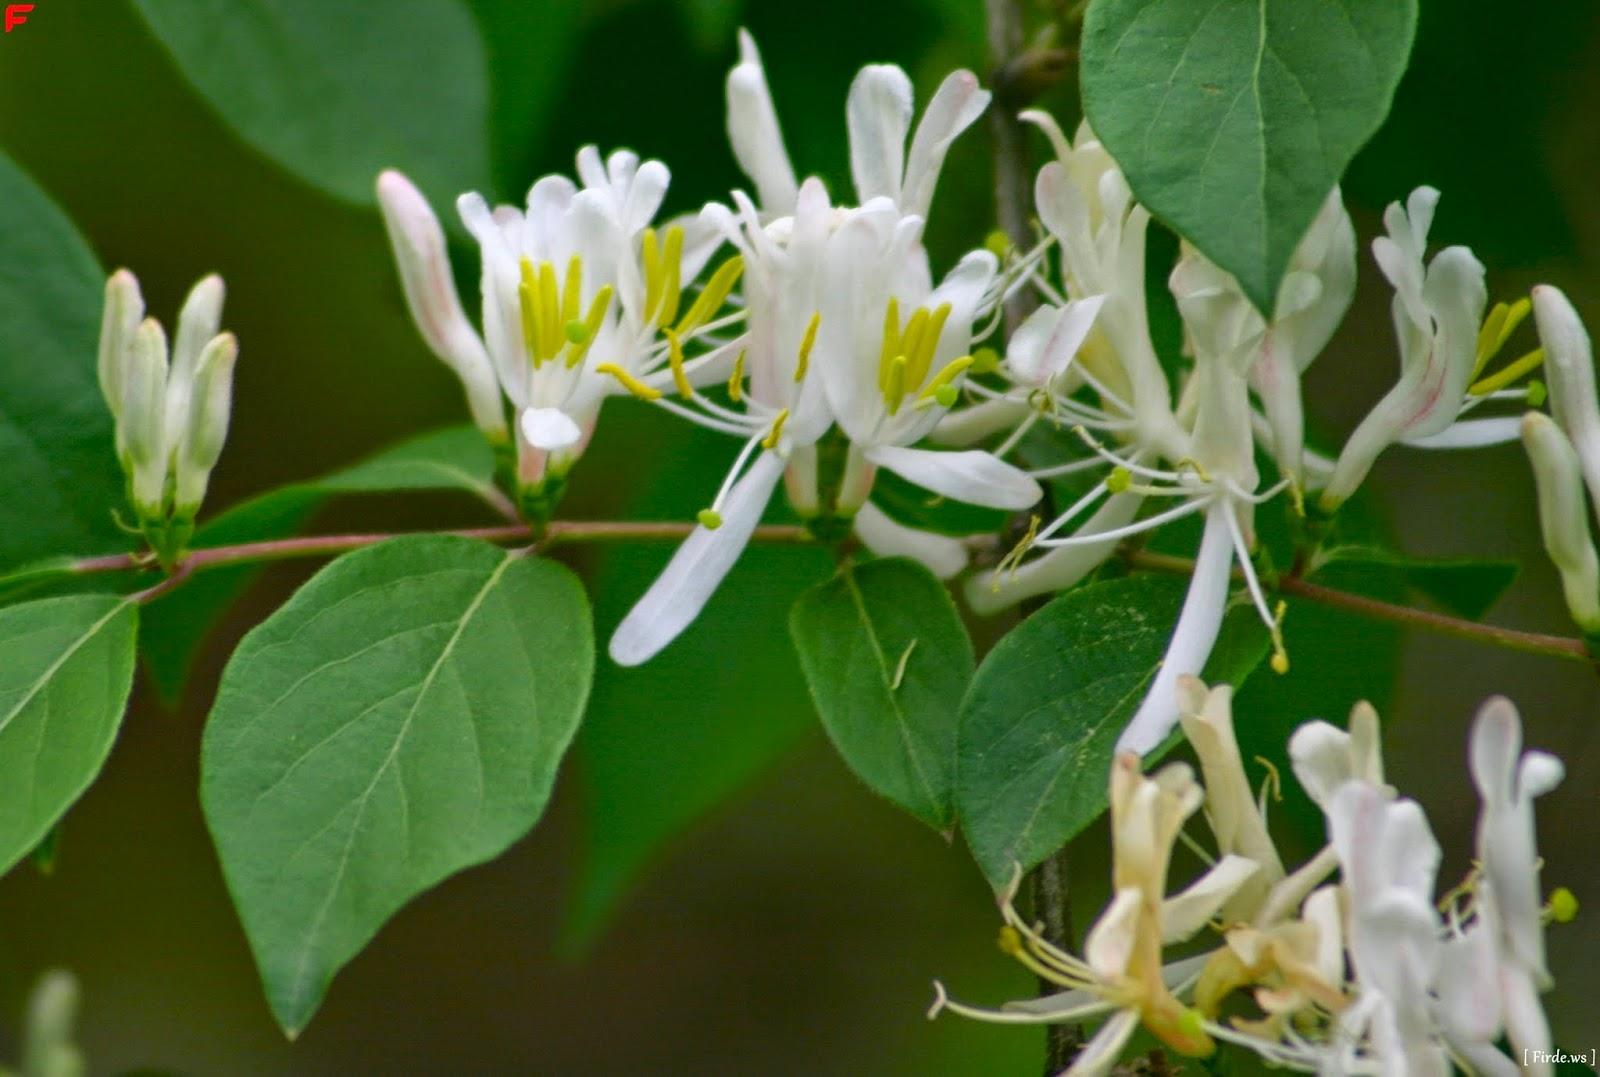 çiçekleri Saksılardan Sofralara Alıyoruz Faydalarına